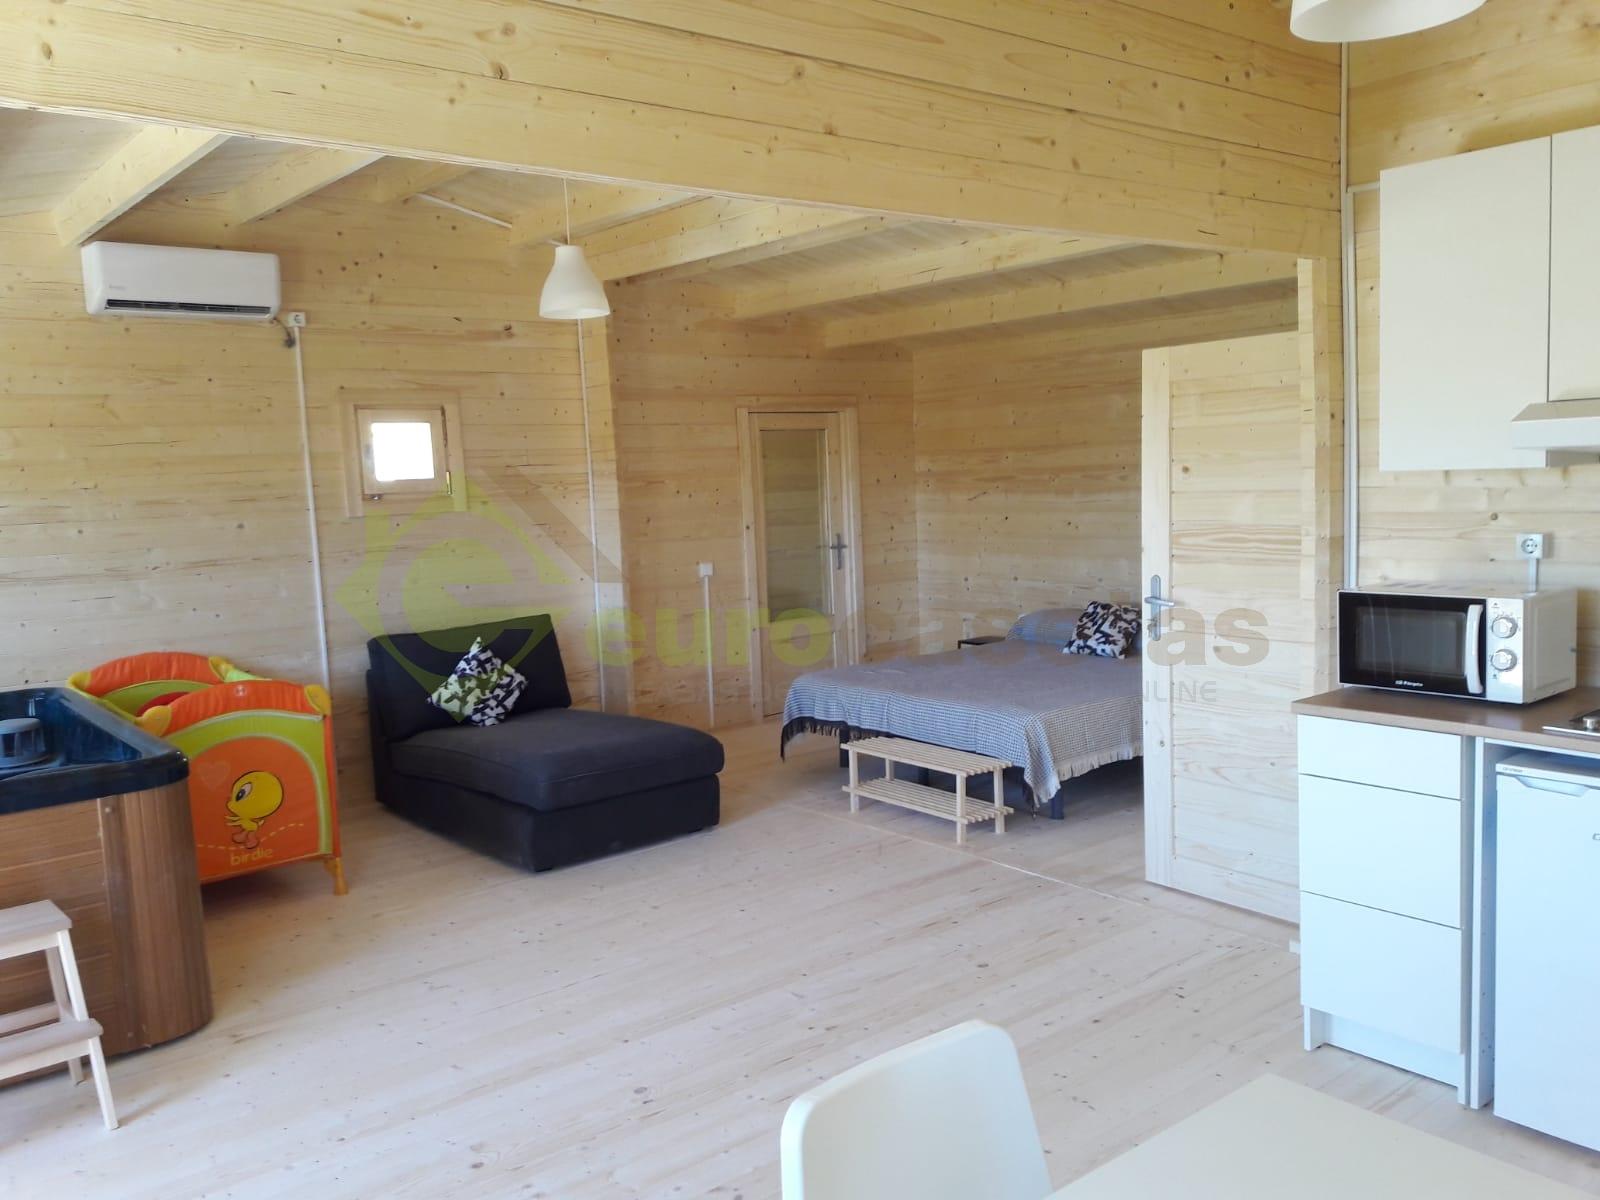 Casa de madera HAKAN PLUS, 7x7.2m — en Guadalajara (España